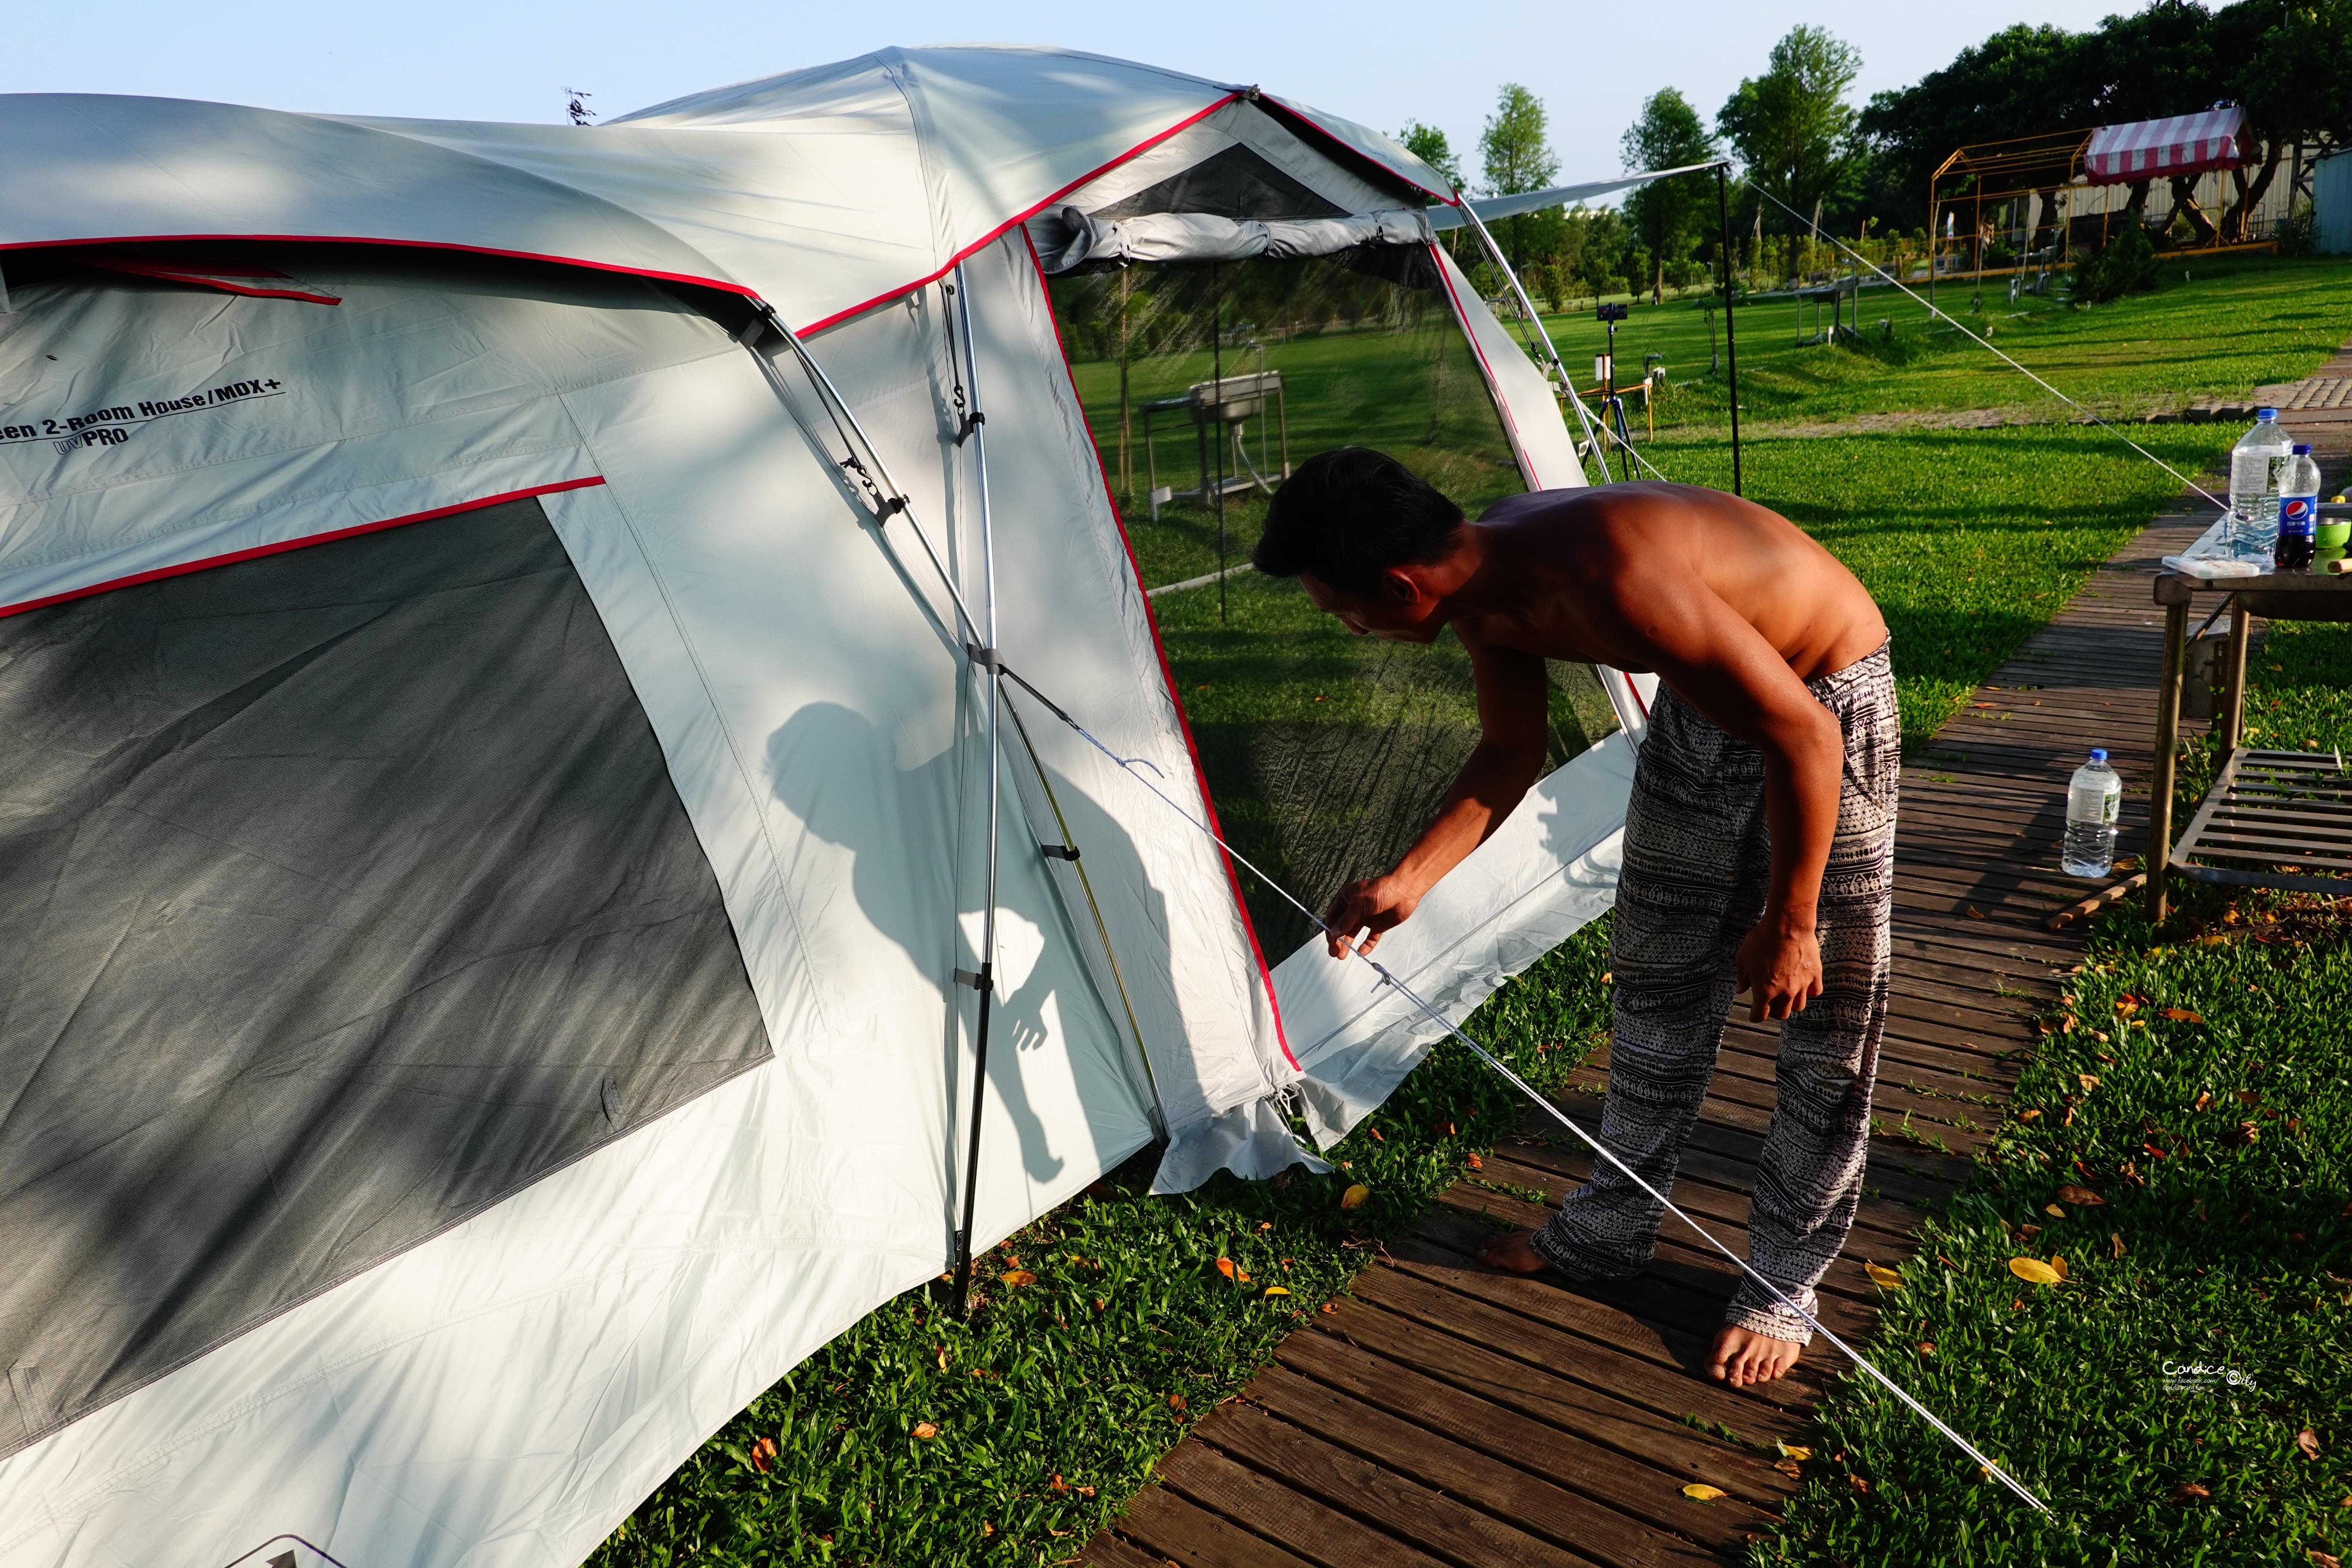 水樂活親子農場|開新帳!大草原的桃園親子露營區!玩水,溜滑梯,釣魚超好玩!